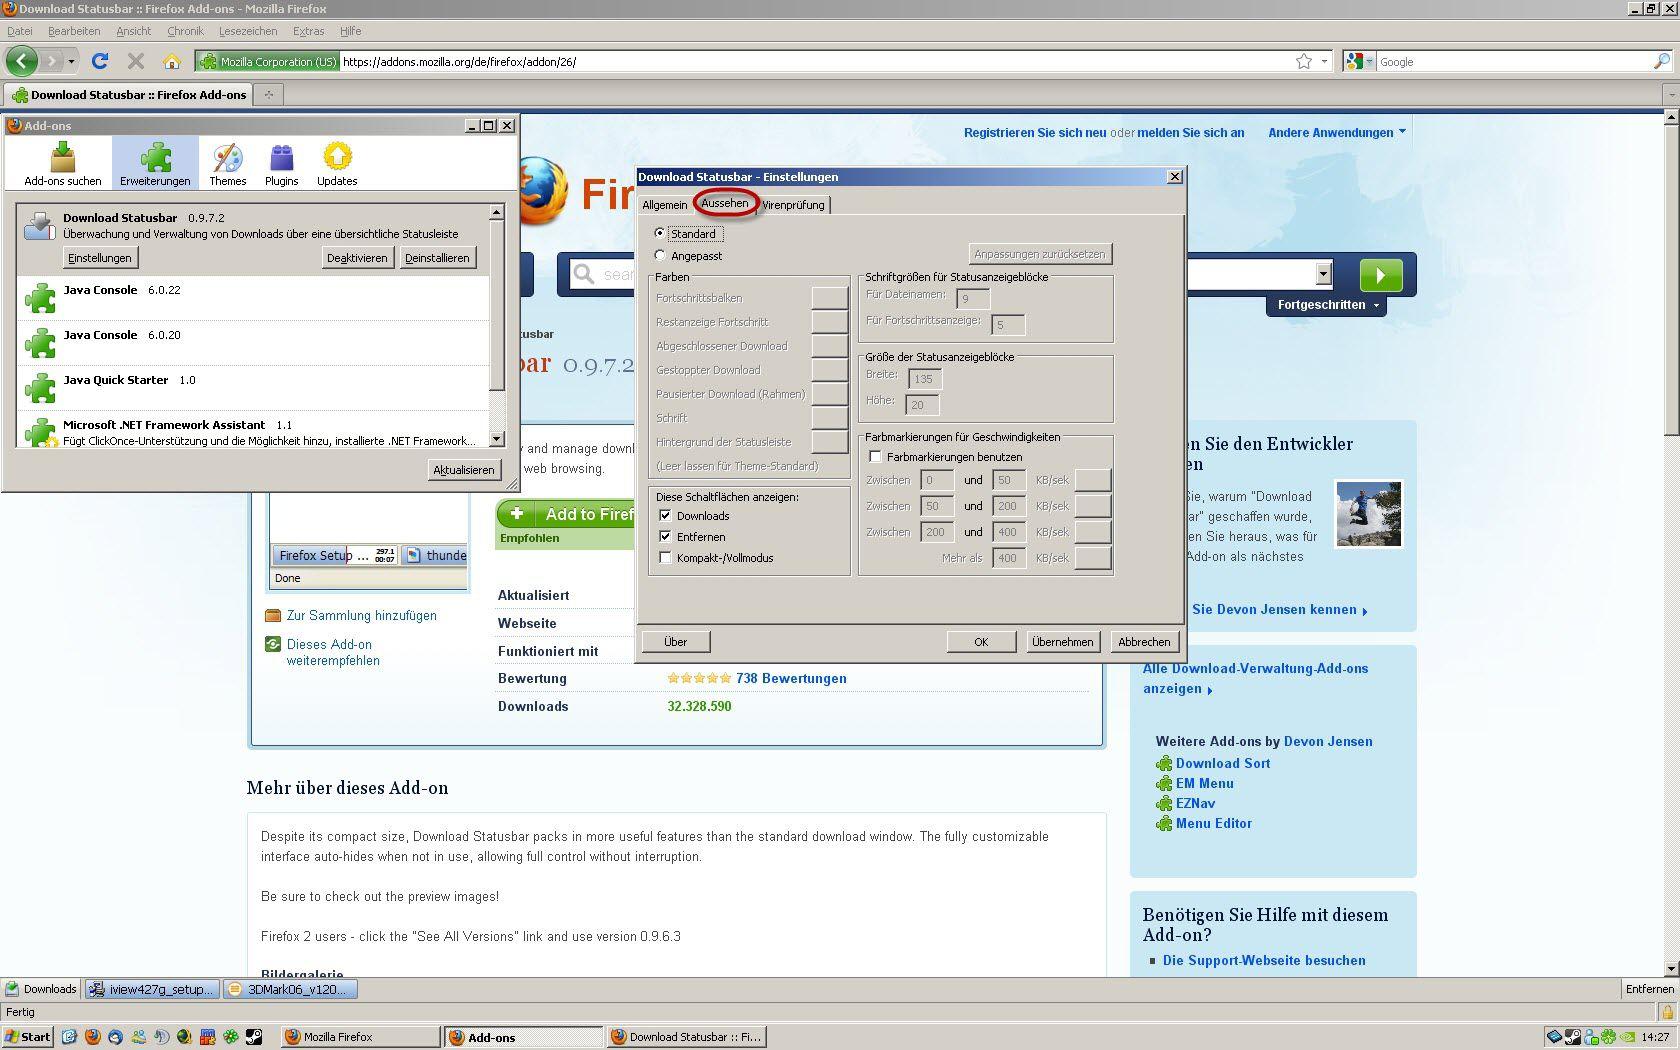 9_5-Firefox-Add-on-Download-Statusbar-Aussehen-veraendern-470.jpg